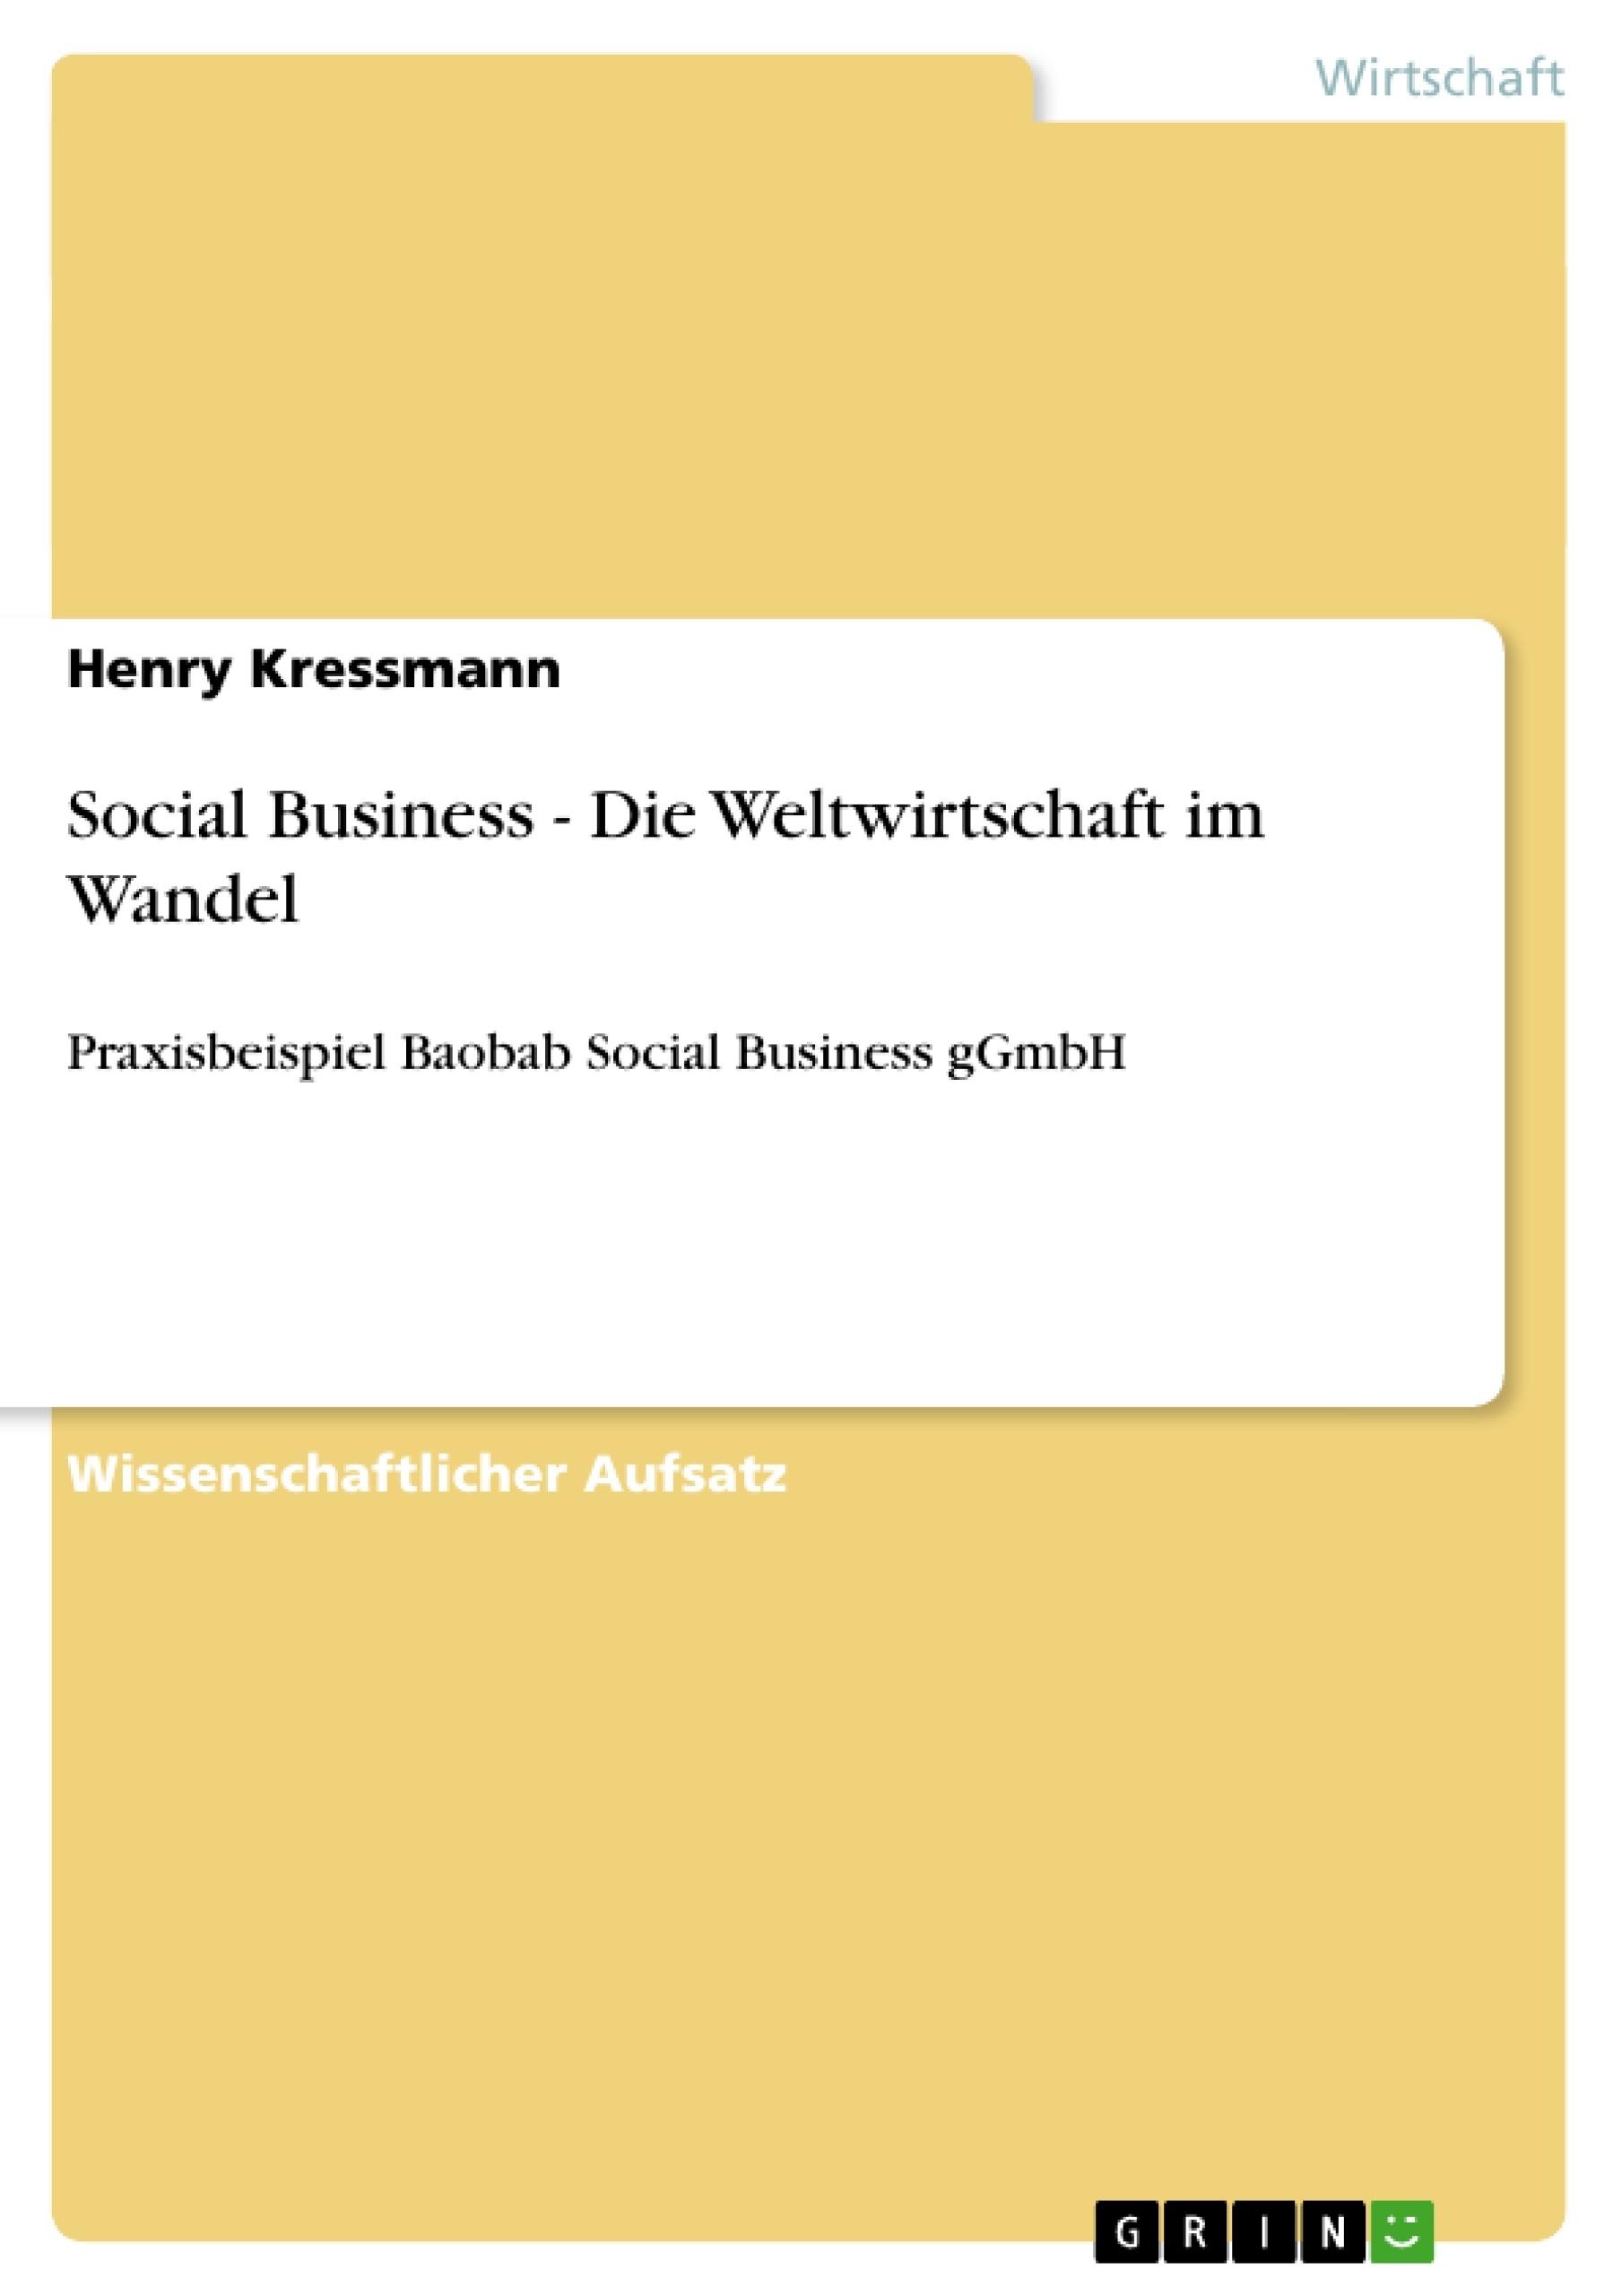 Titel: Social Business - Die Weltwirtschaft im Wandel